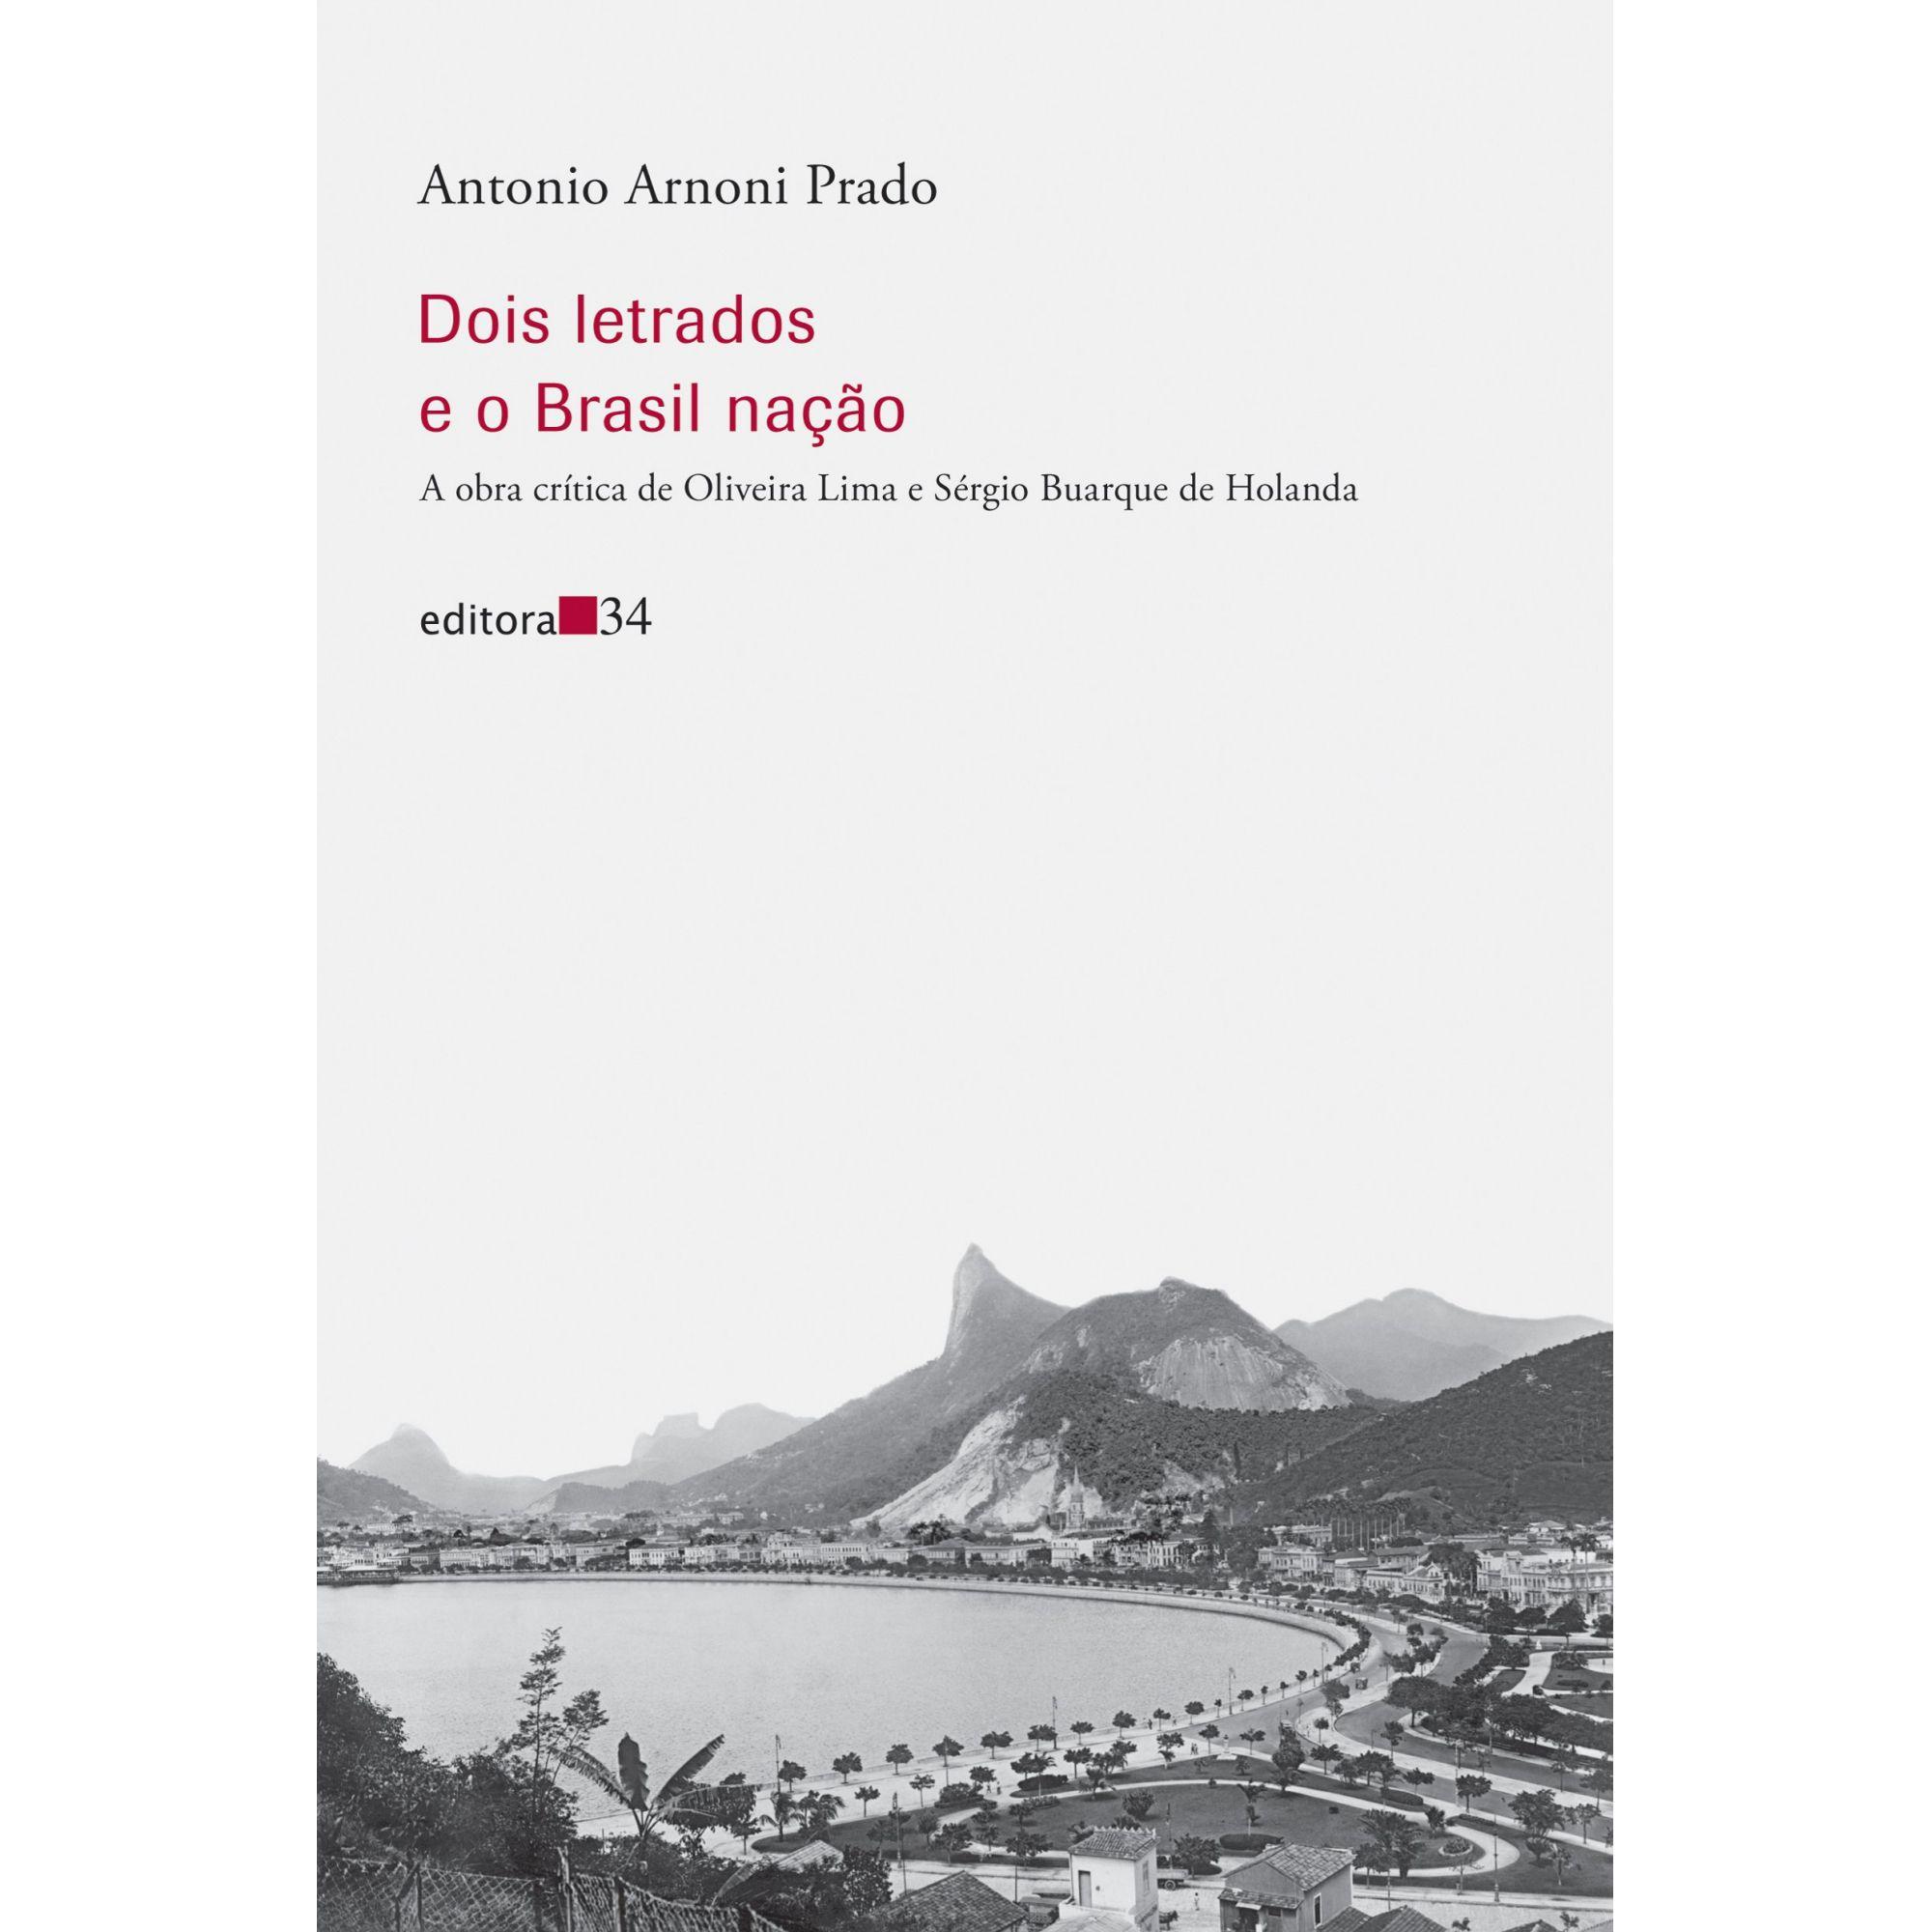 Dois letrados e o Brasil nação